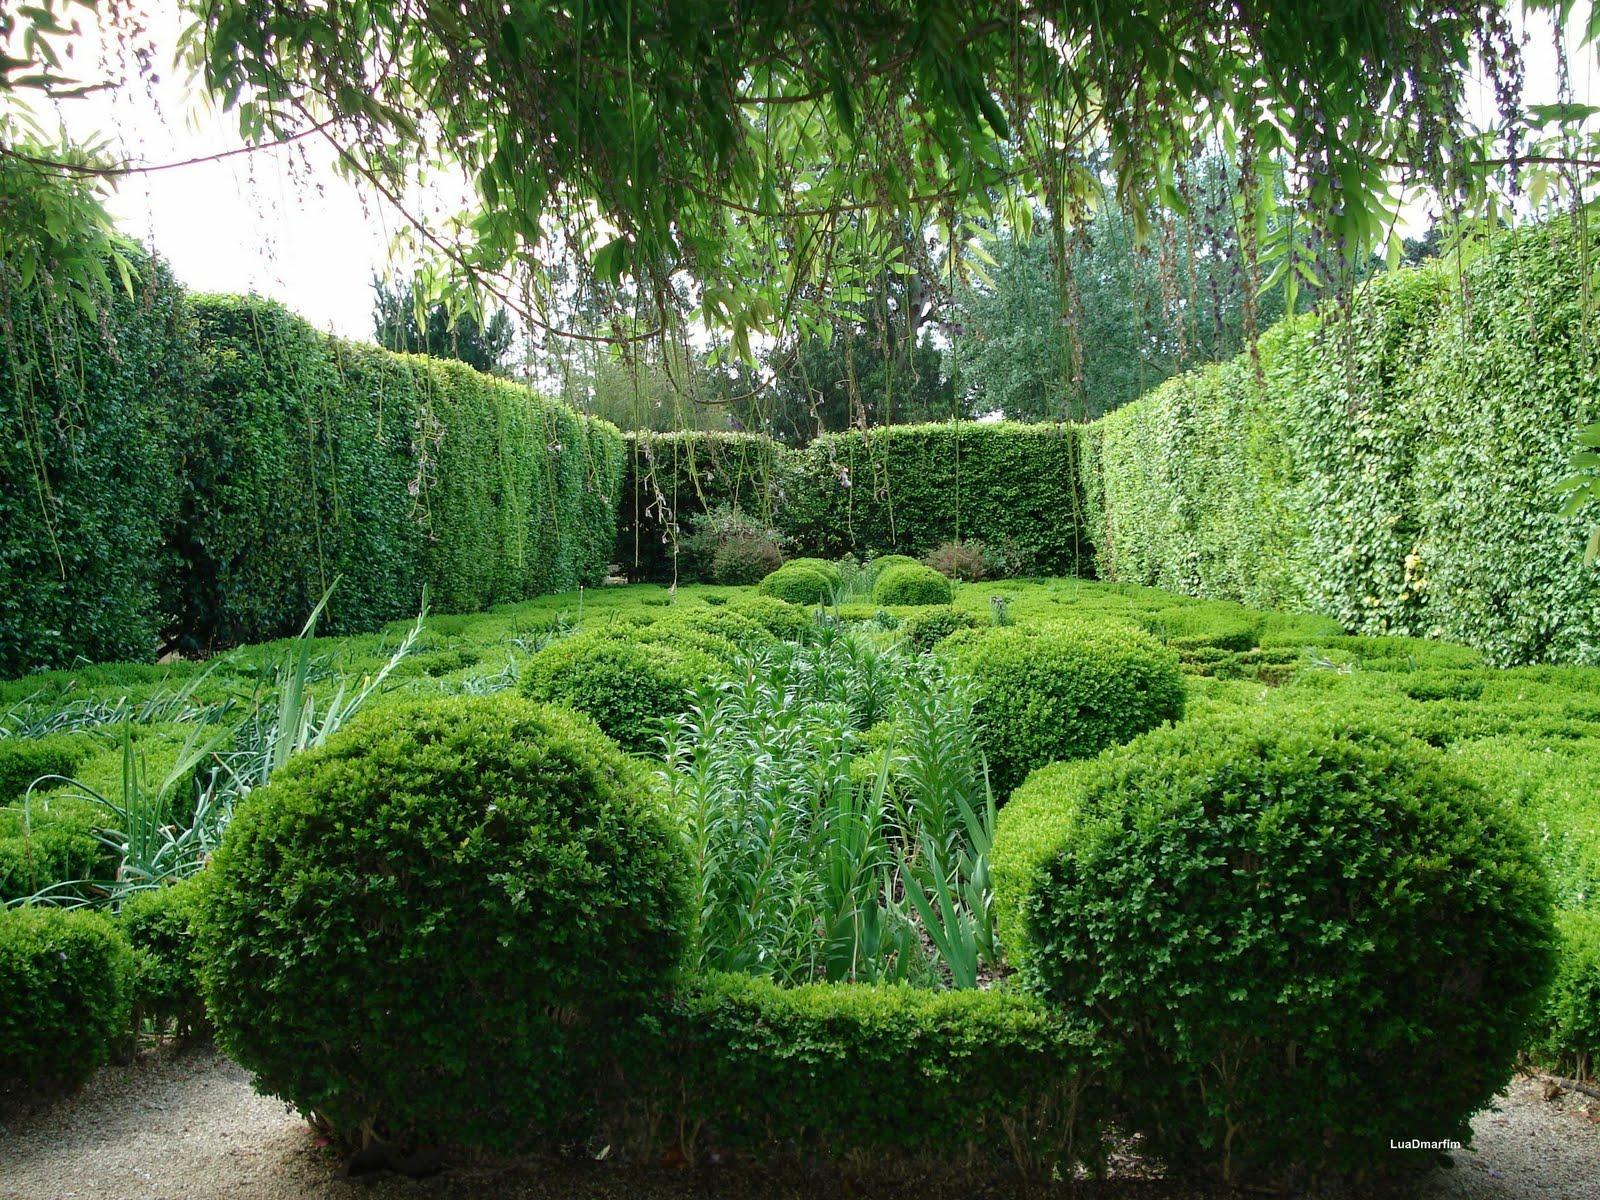 luaDmarfim Jardim Botânico do Porto  os jardins I